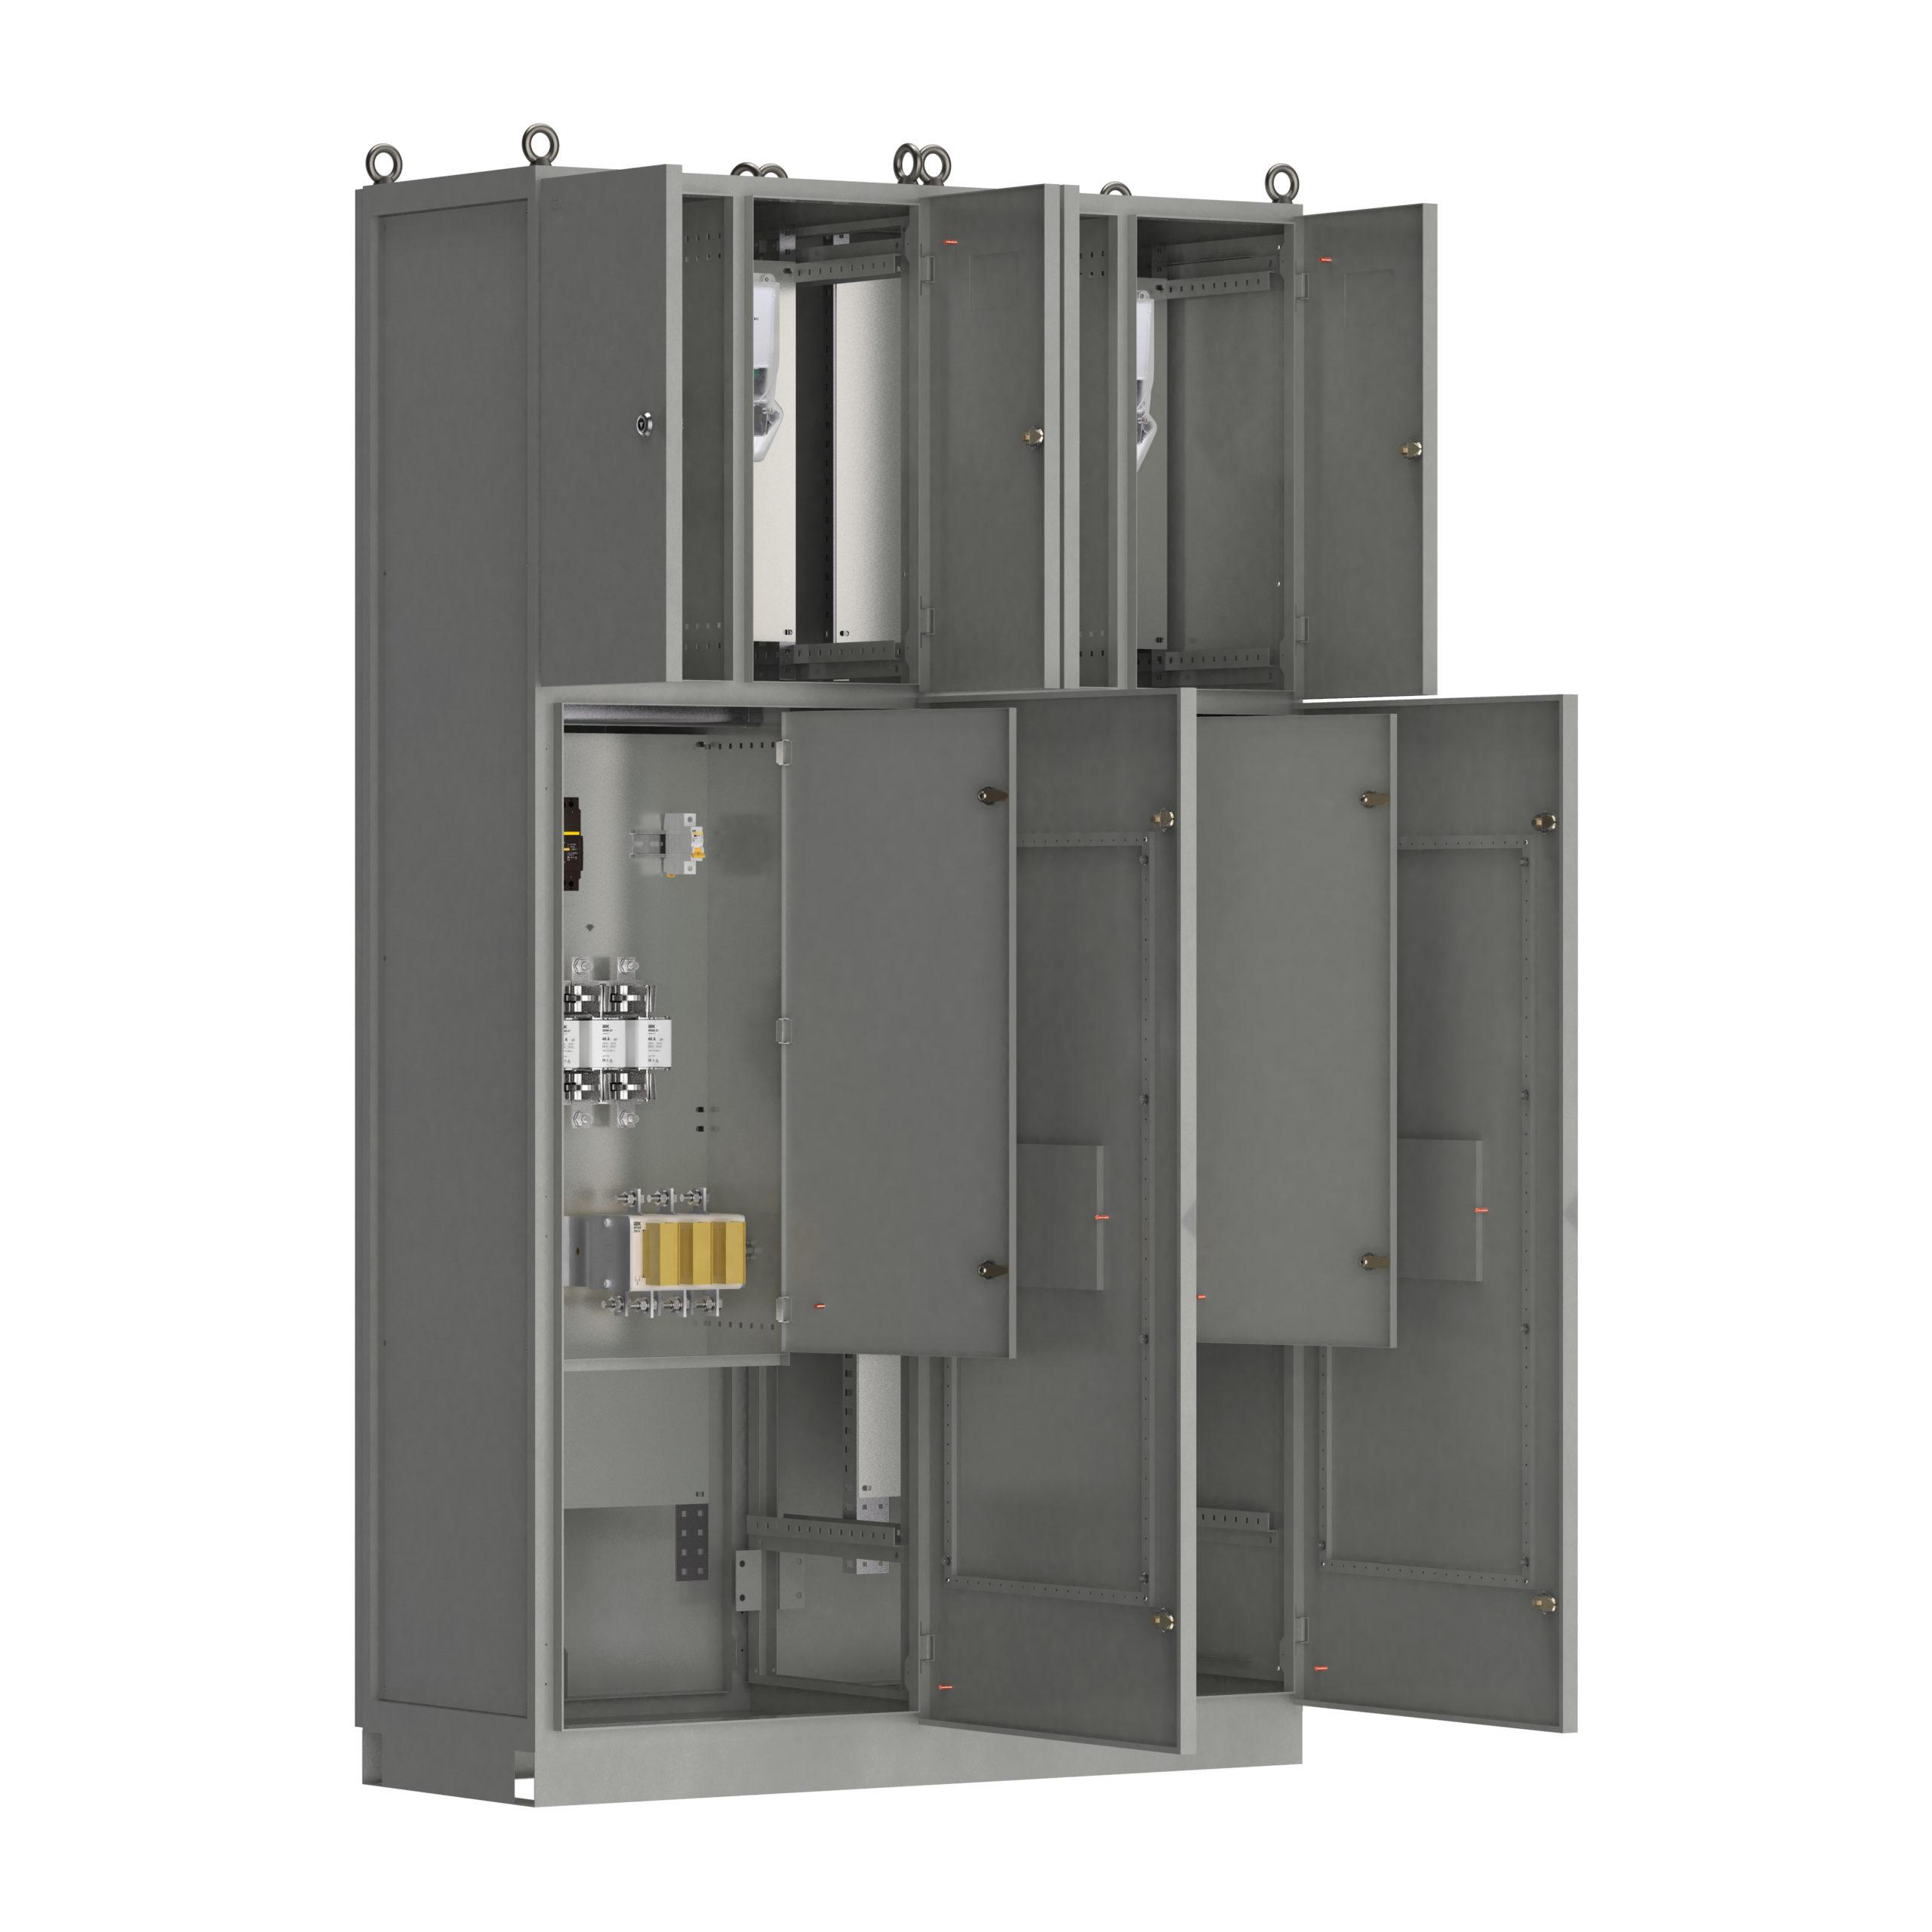 Панель вводная ВРУ1-14-20 УХЛ4 выключатели автоматические 1Р 2х6А рубильники 2х400А плавкие вставки 6х400А и учет IEK